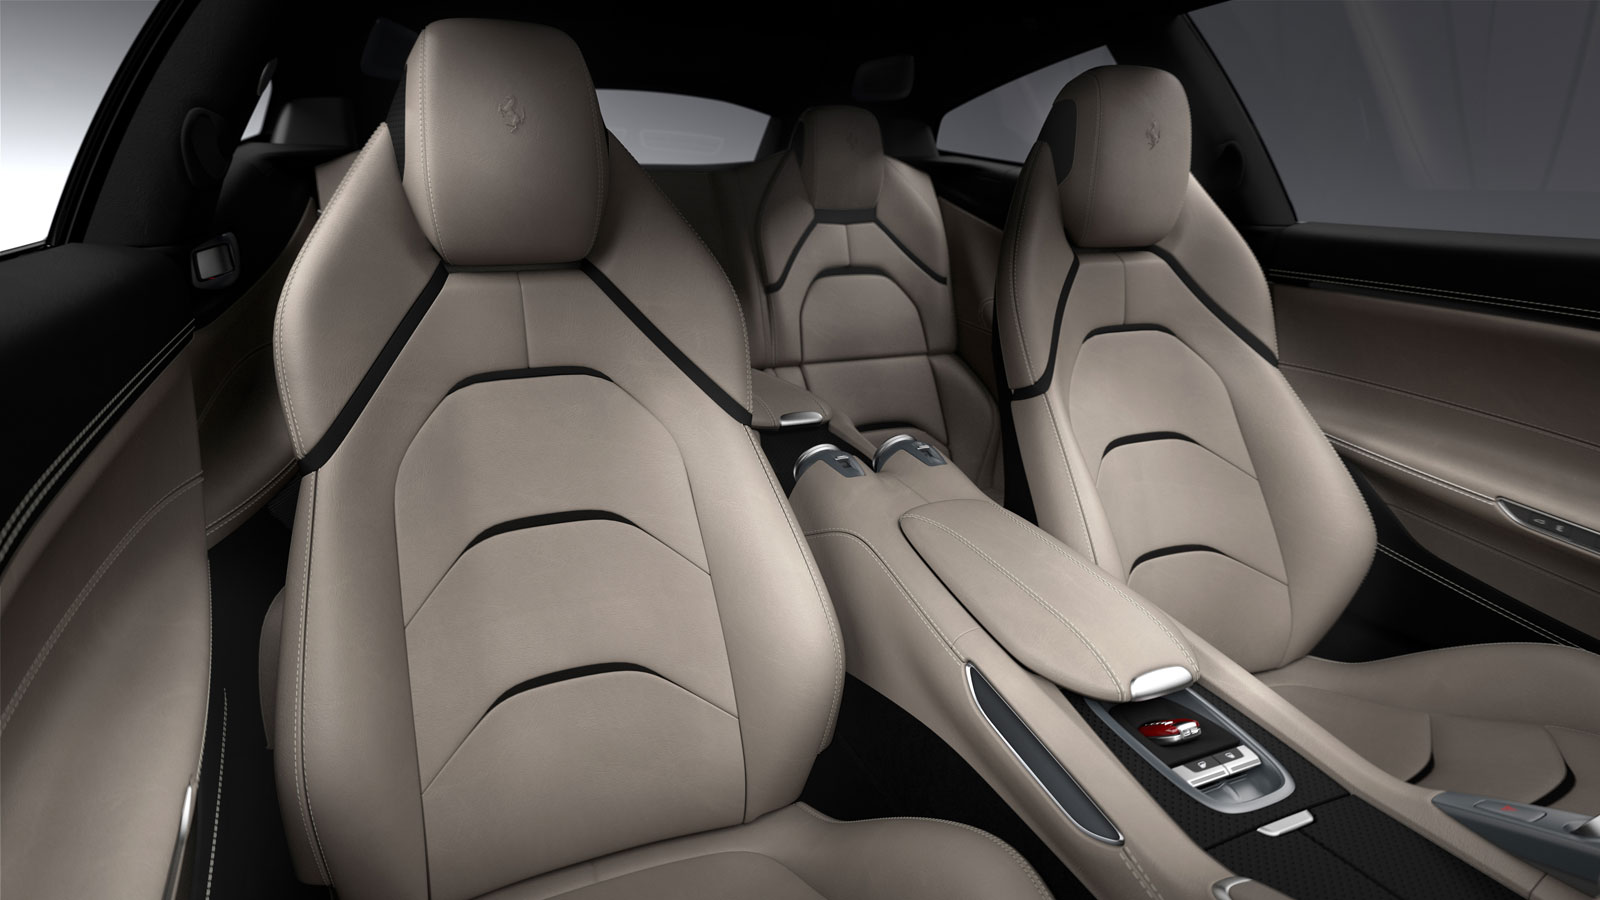 Ferrari Gtc4lusso Interior Car Body Design